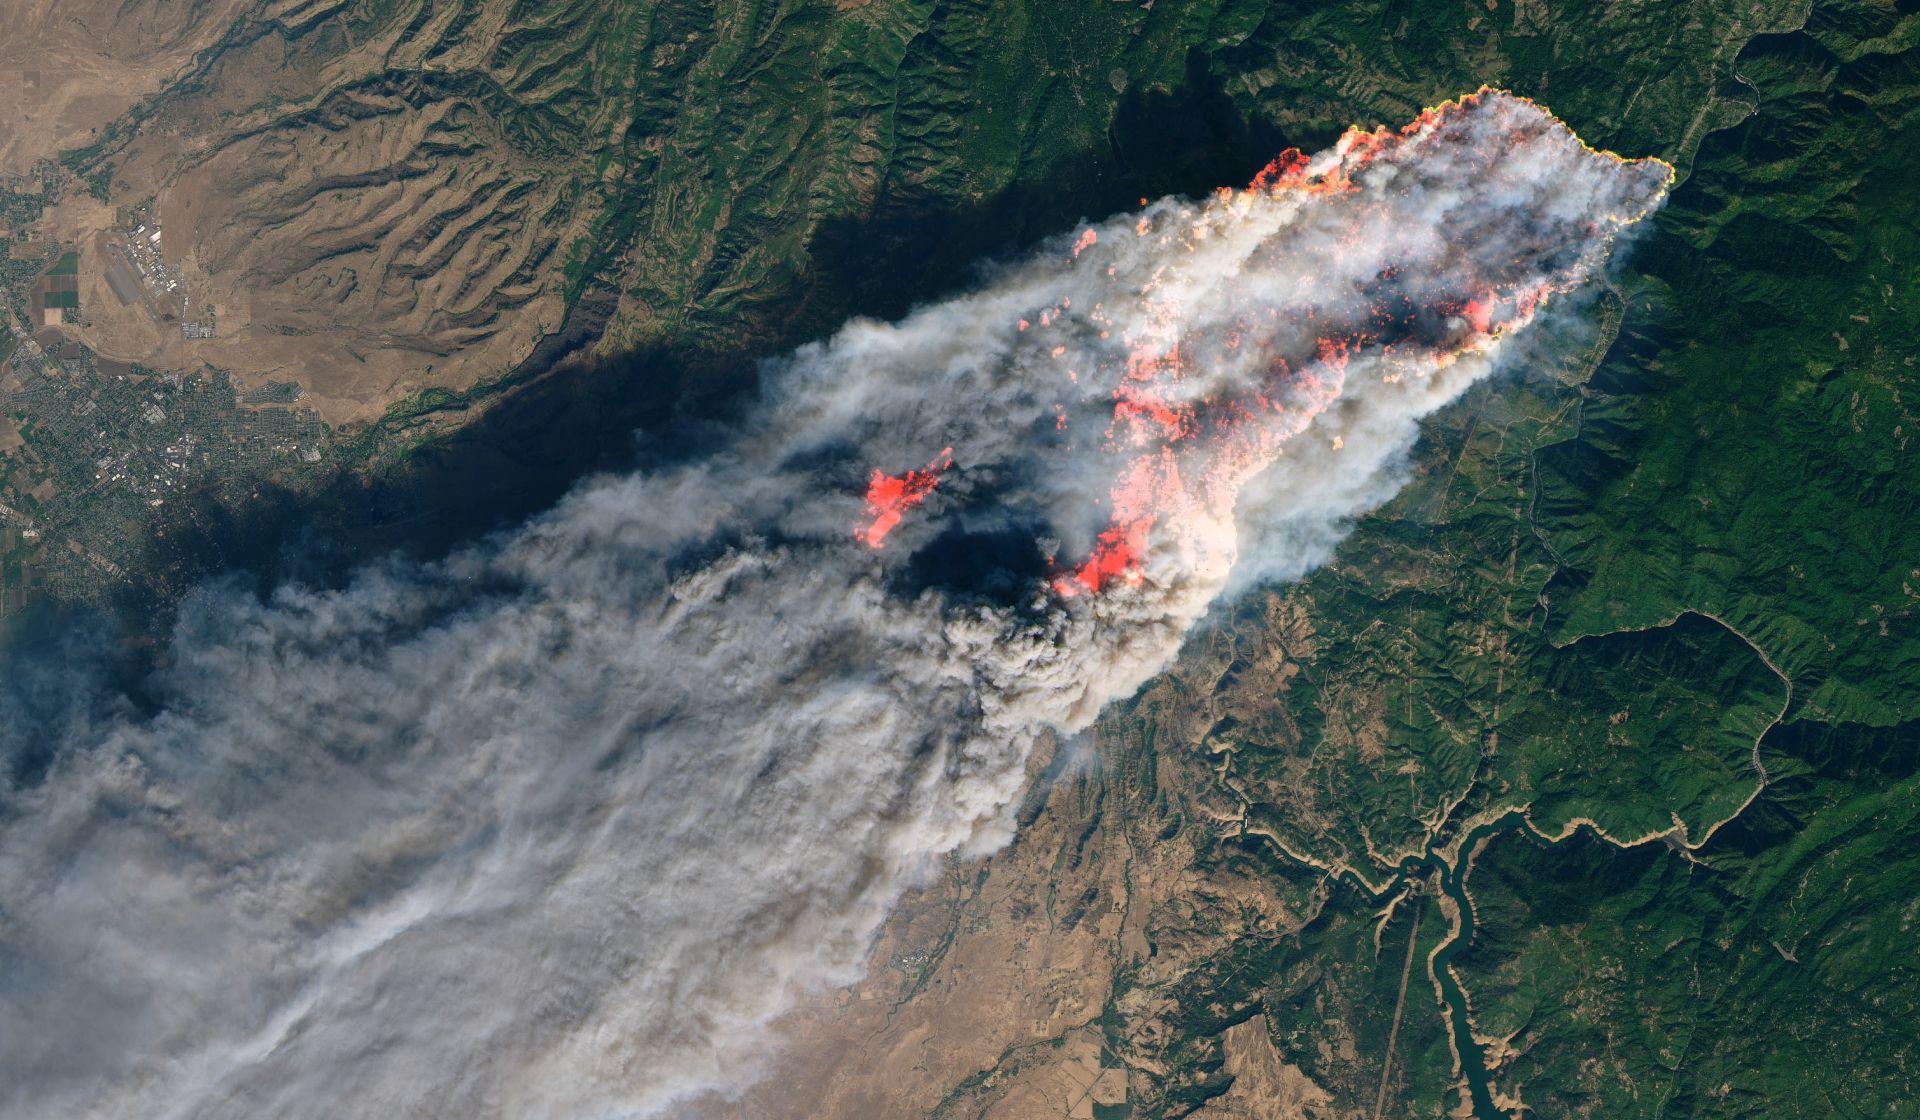 Neke žrtve požara u Kaliforniji možda nikada neće biti pronađene